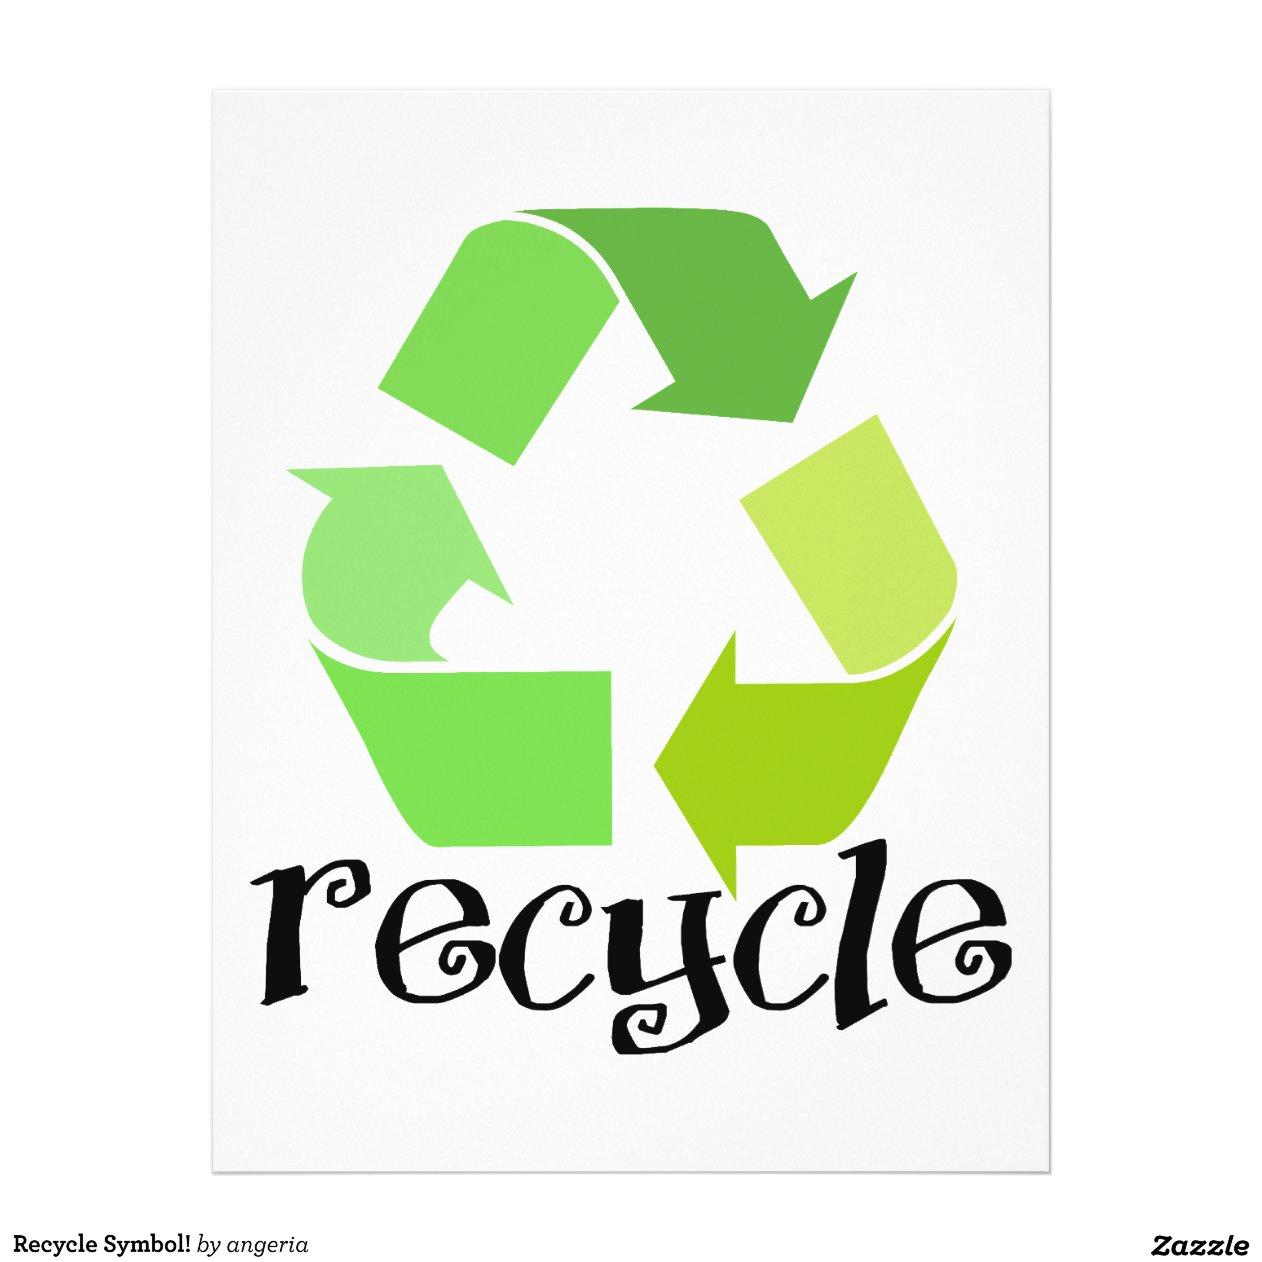 California Can Aluminum Recycling Symbols